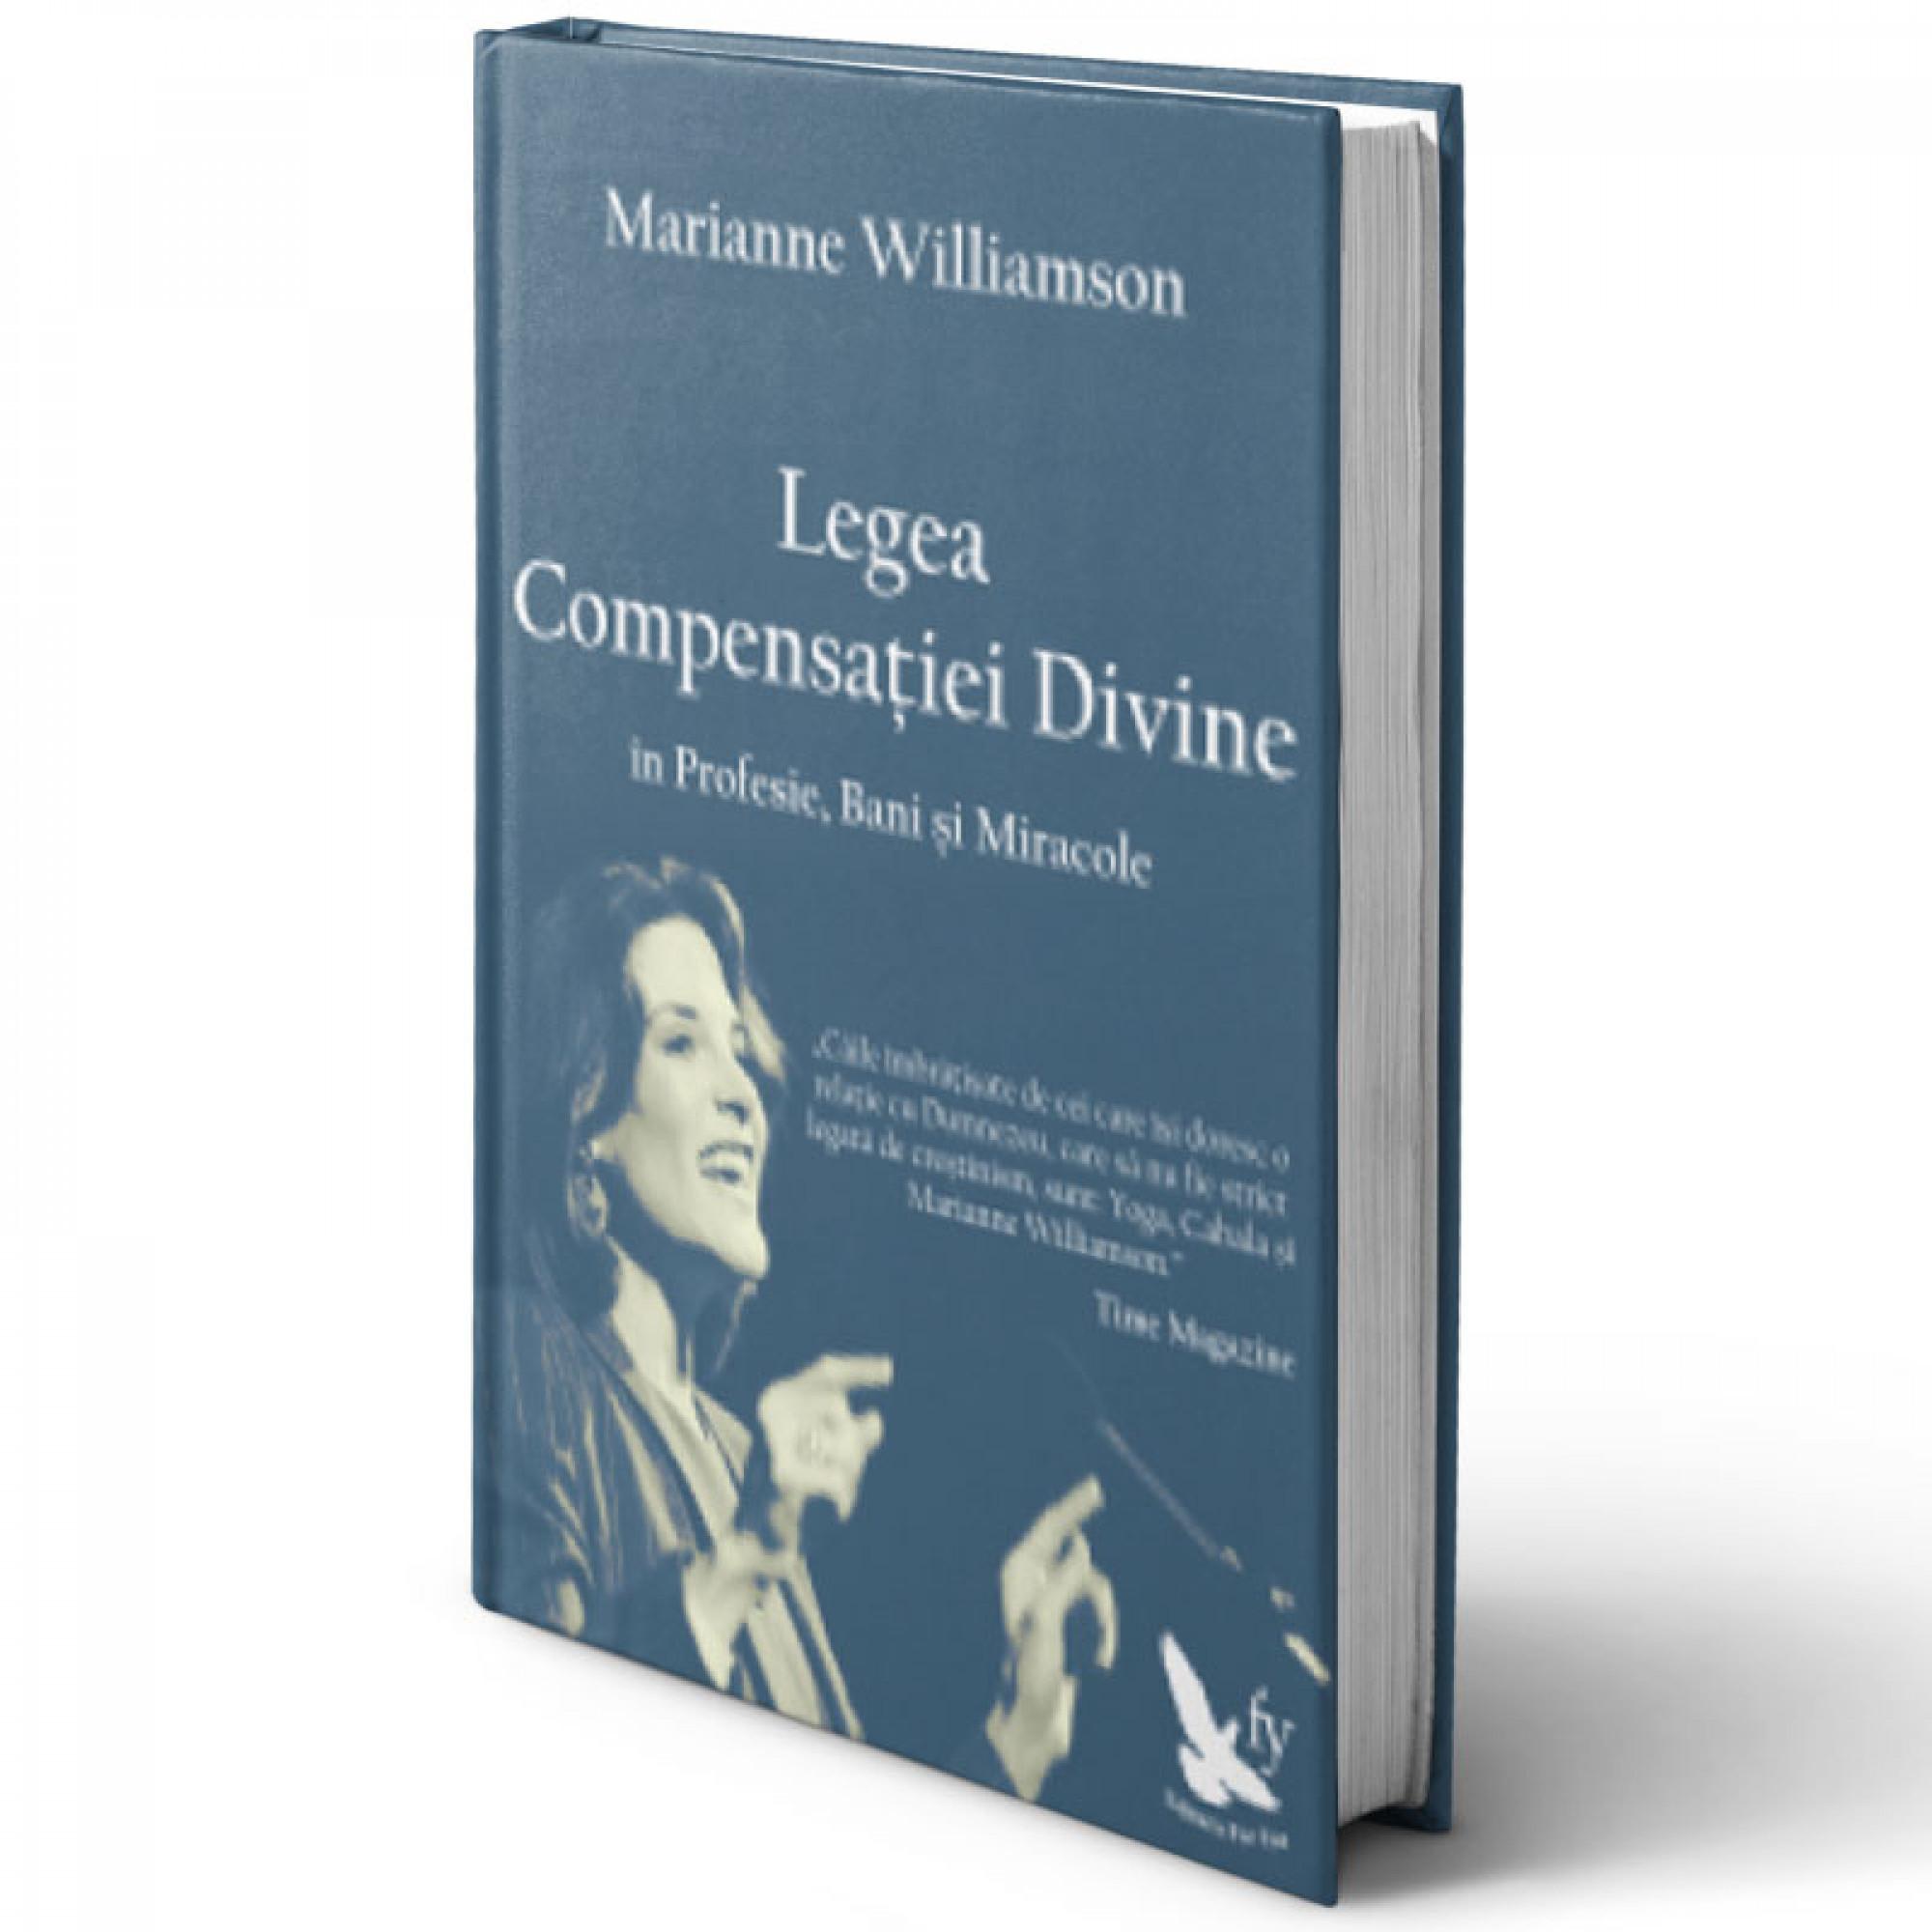 Legea compensației divine în Profesie, Bani și Miracole; Marianne Williamson